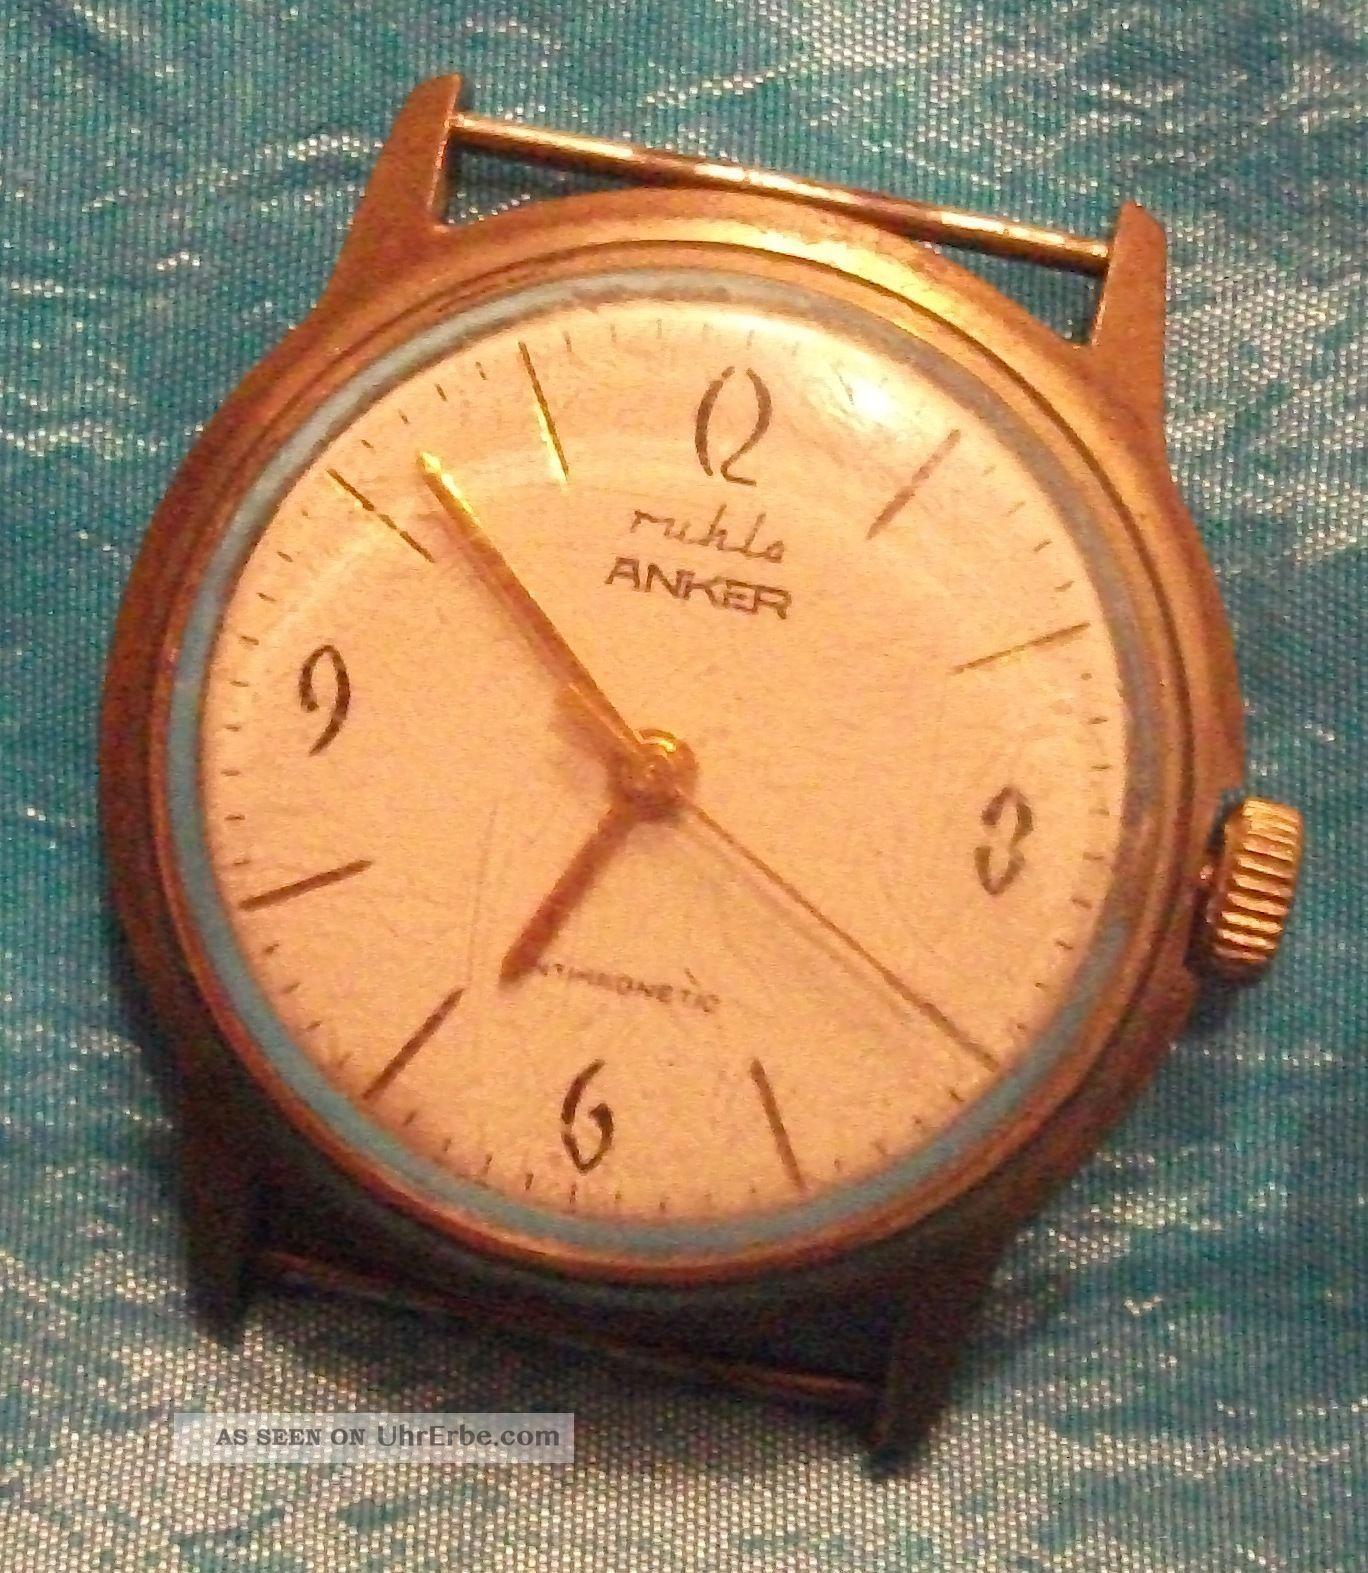 Ruhlo Anker Herrenarmbanduhr Handaufzug Armbanduhren Bild